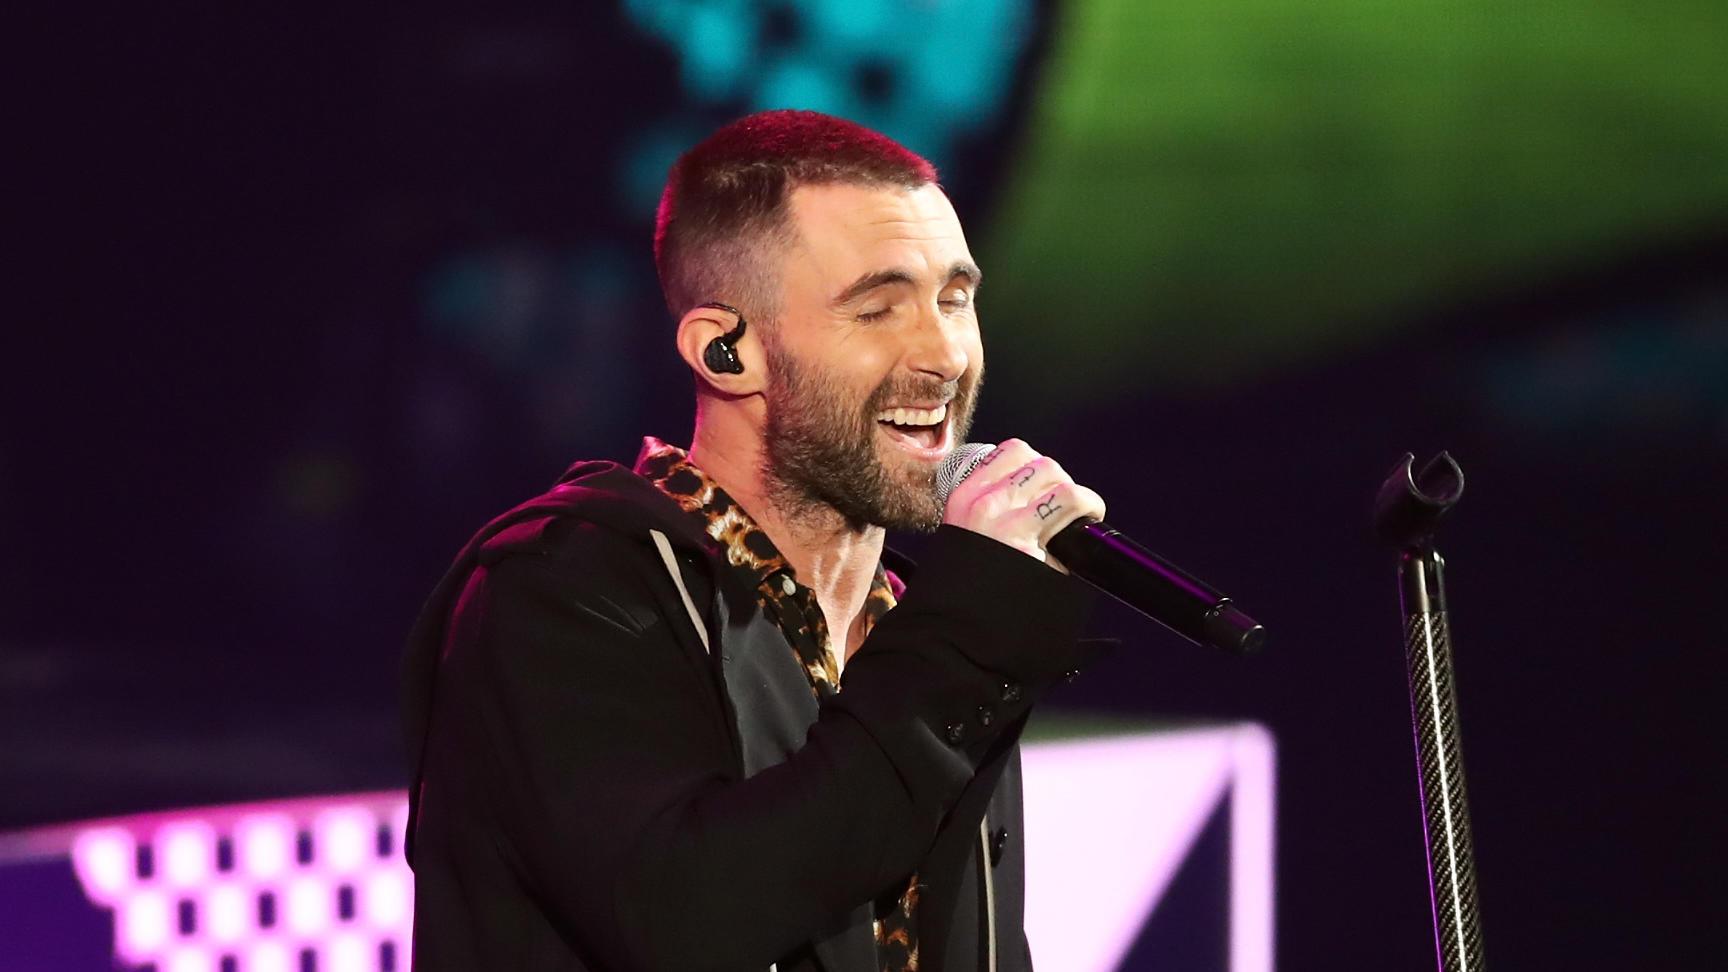 Finale der NFL - Maroon 5 liefern Halbzeitshow beim Super Bowl